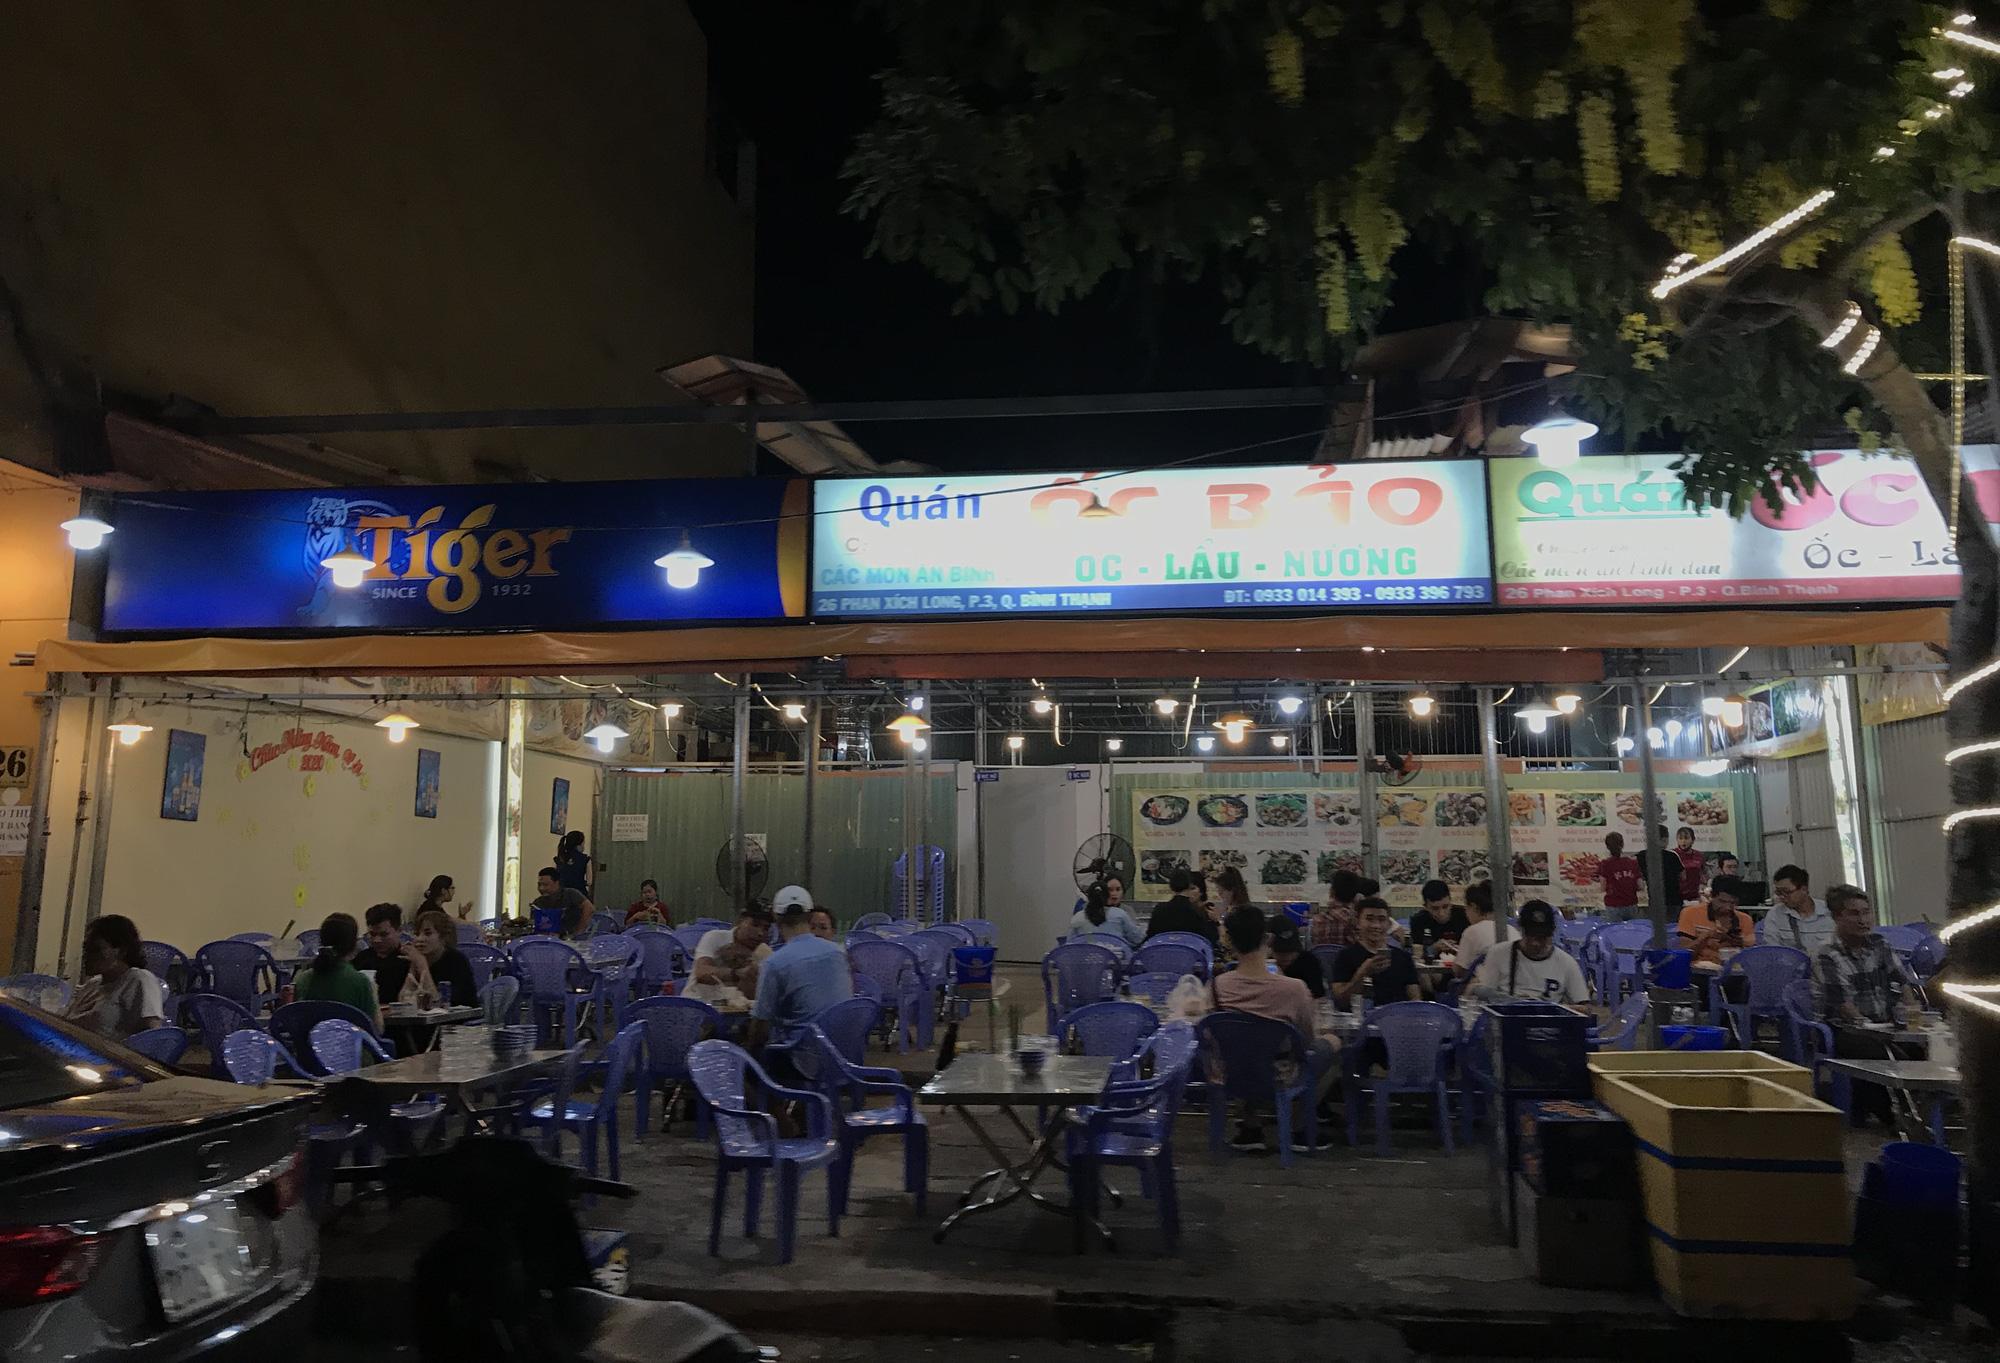 Nhà hàng, quán ăn Sài Gòn vội vàng đóng cửa sau quyết định khẩn chống dịch Covid-19 - Ảnh 13.